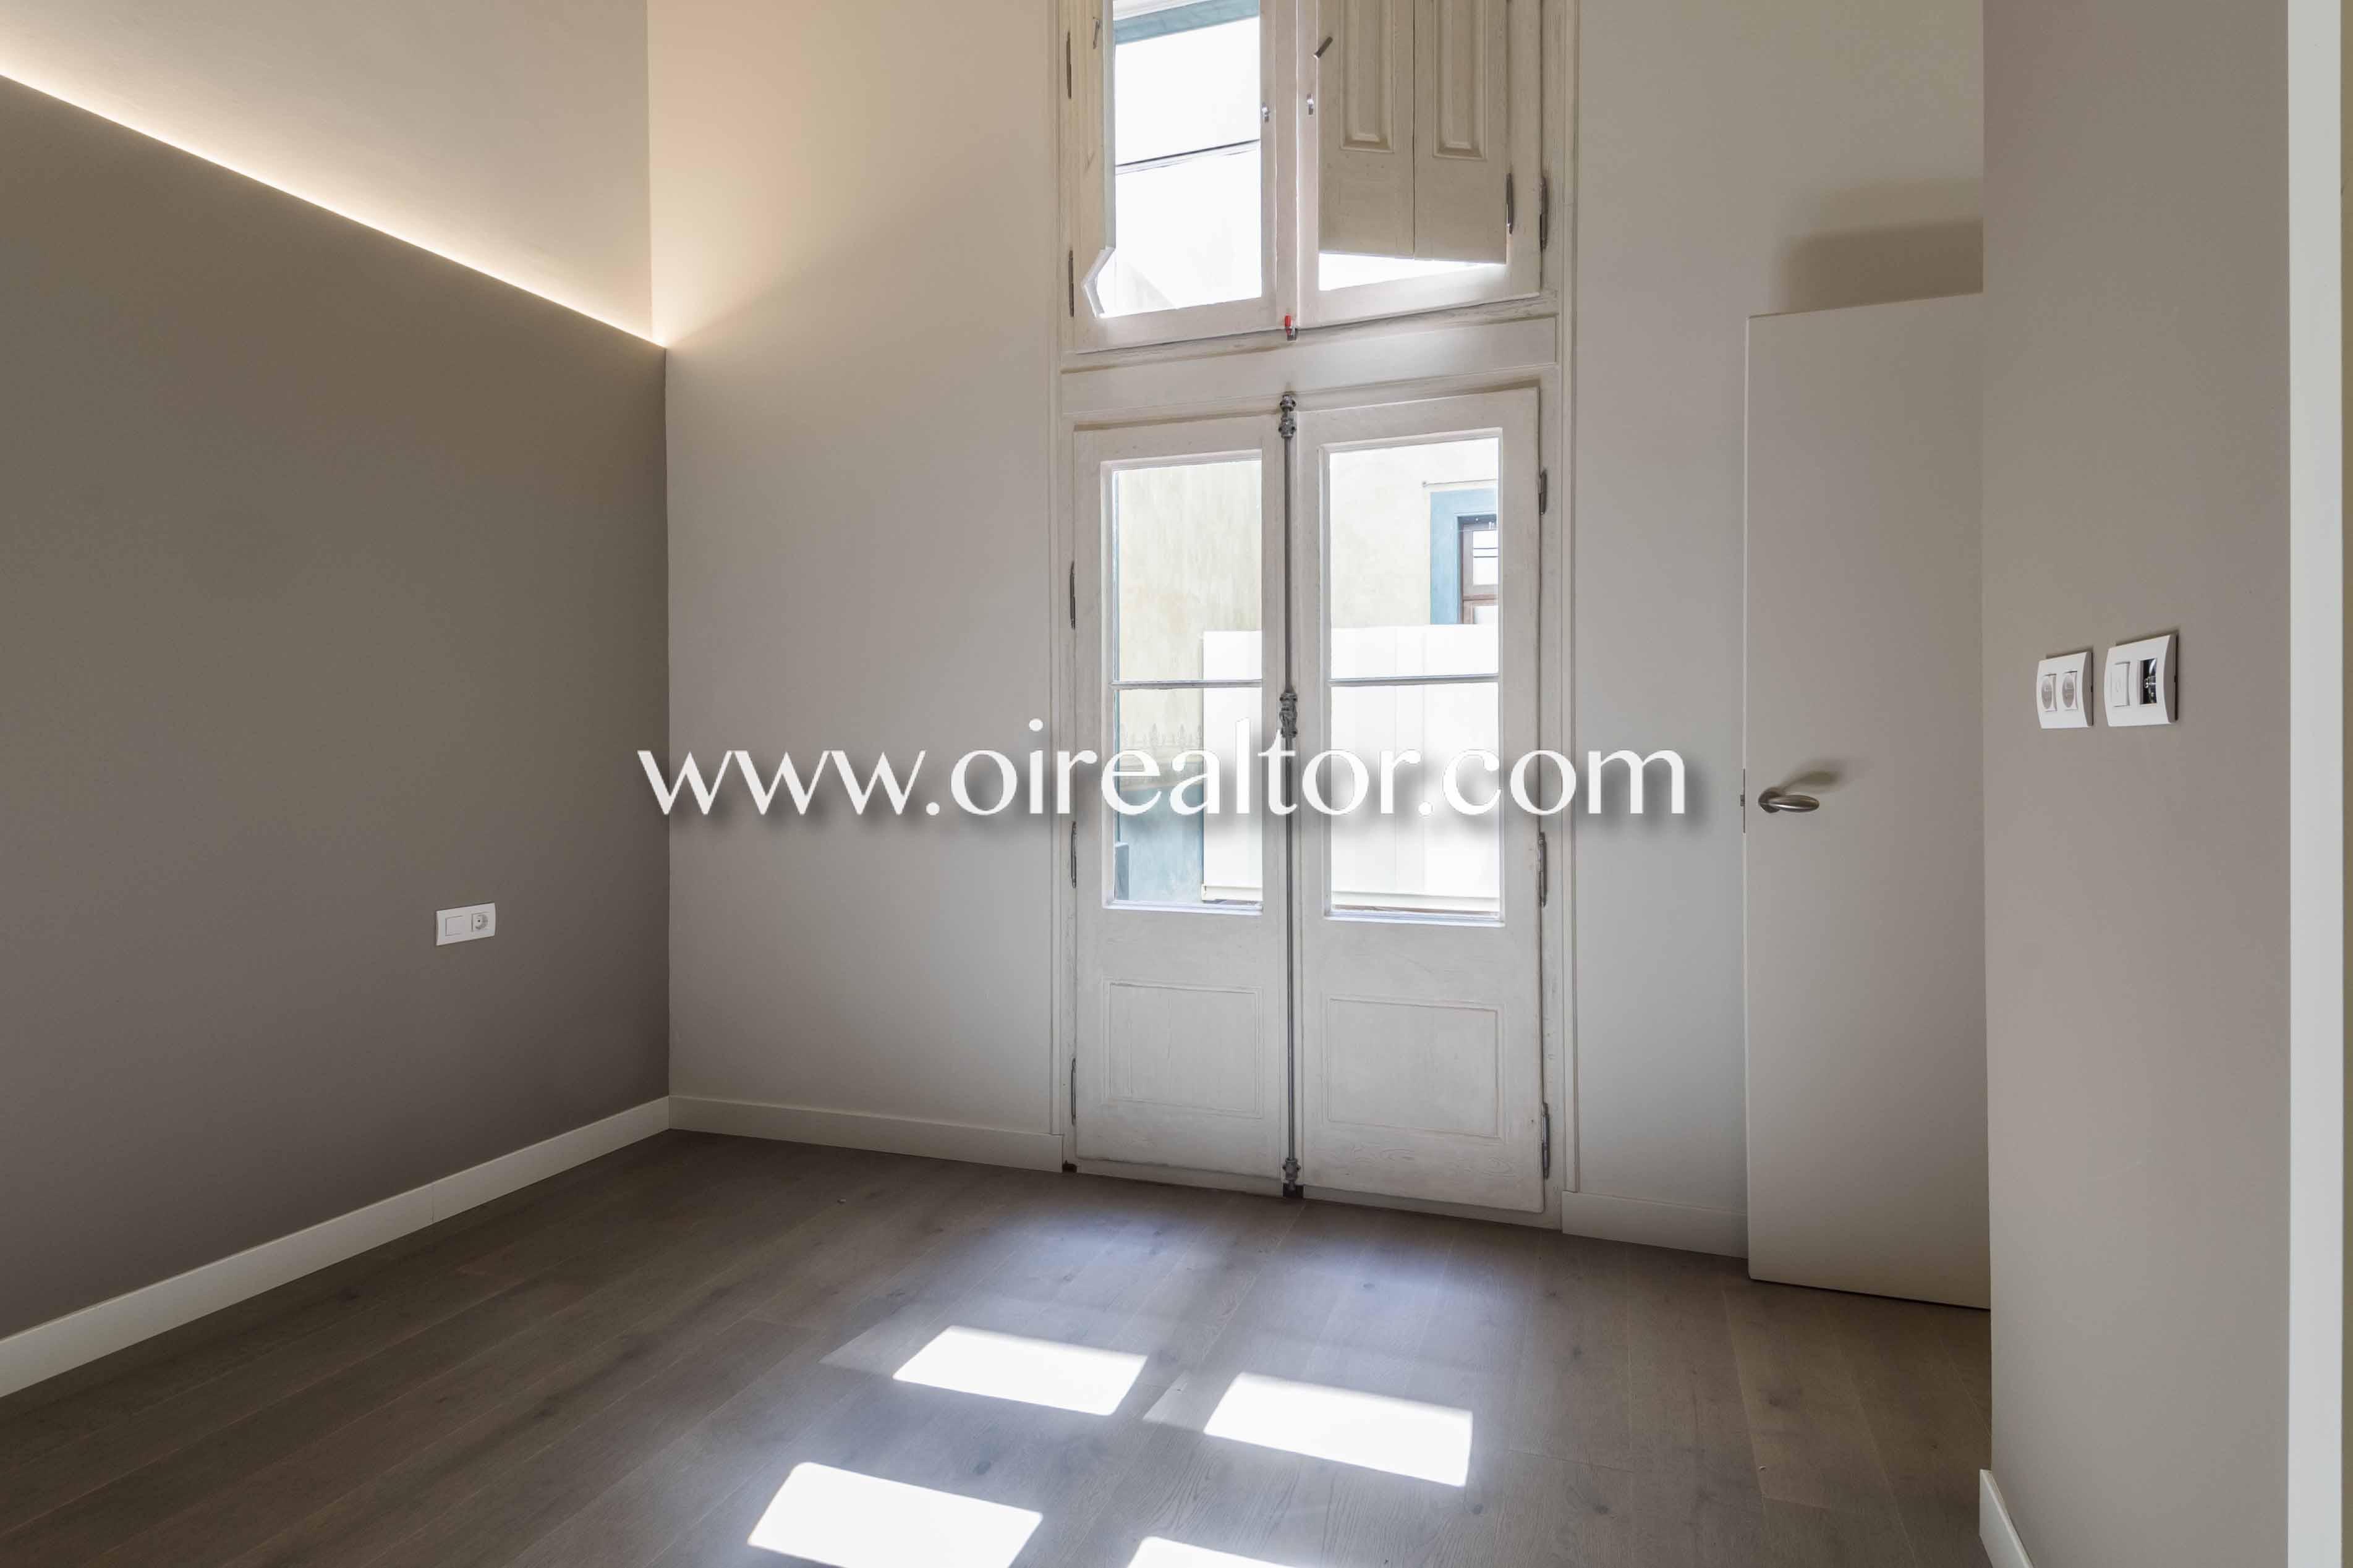 dormitorio, piso sin muebles, piso vacío, salida a terraza, salida a balcón , balcón, terraza